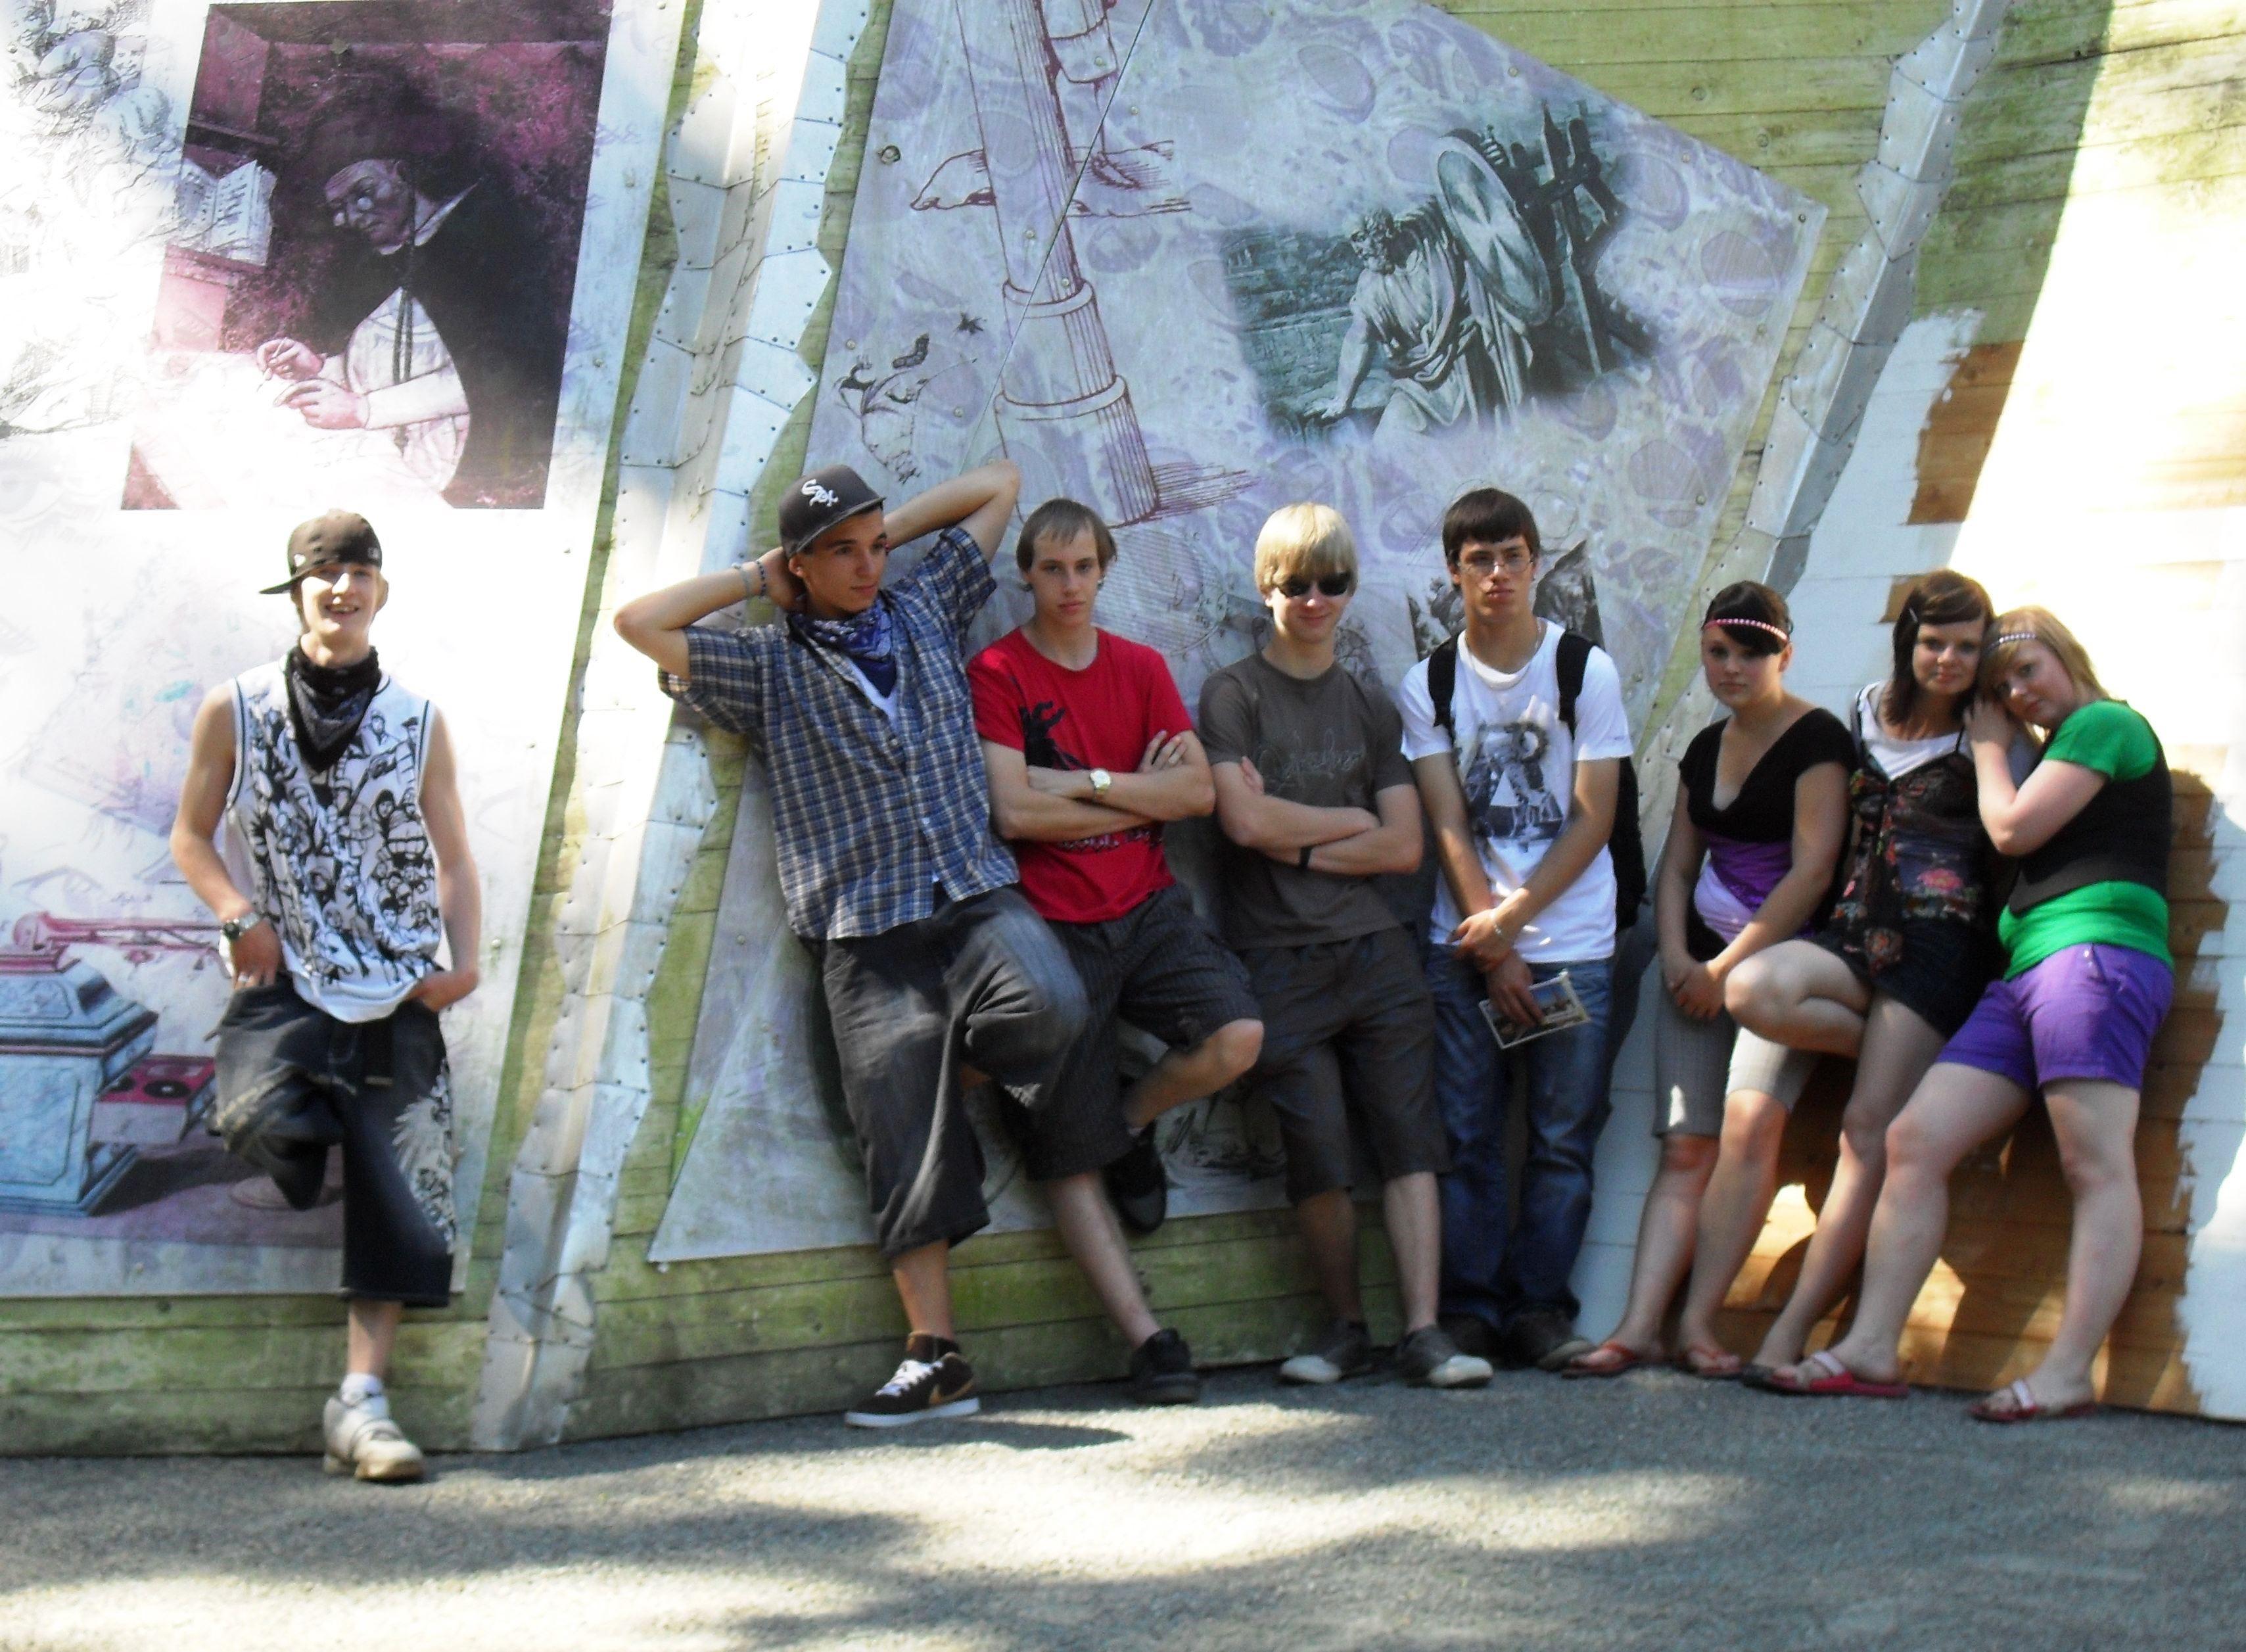 Bild von Jugendlichen